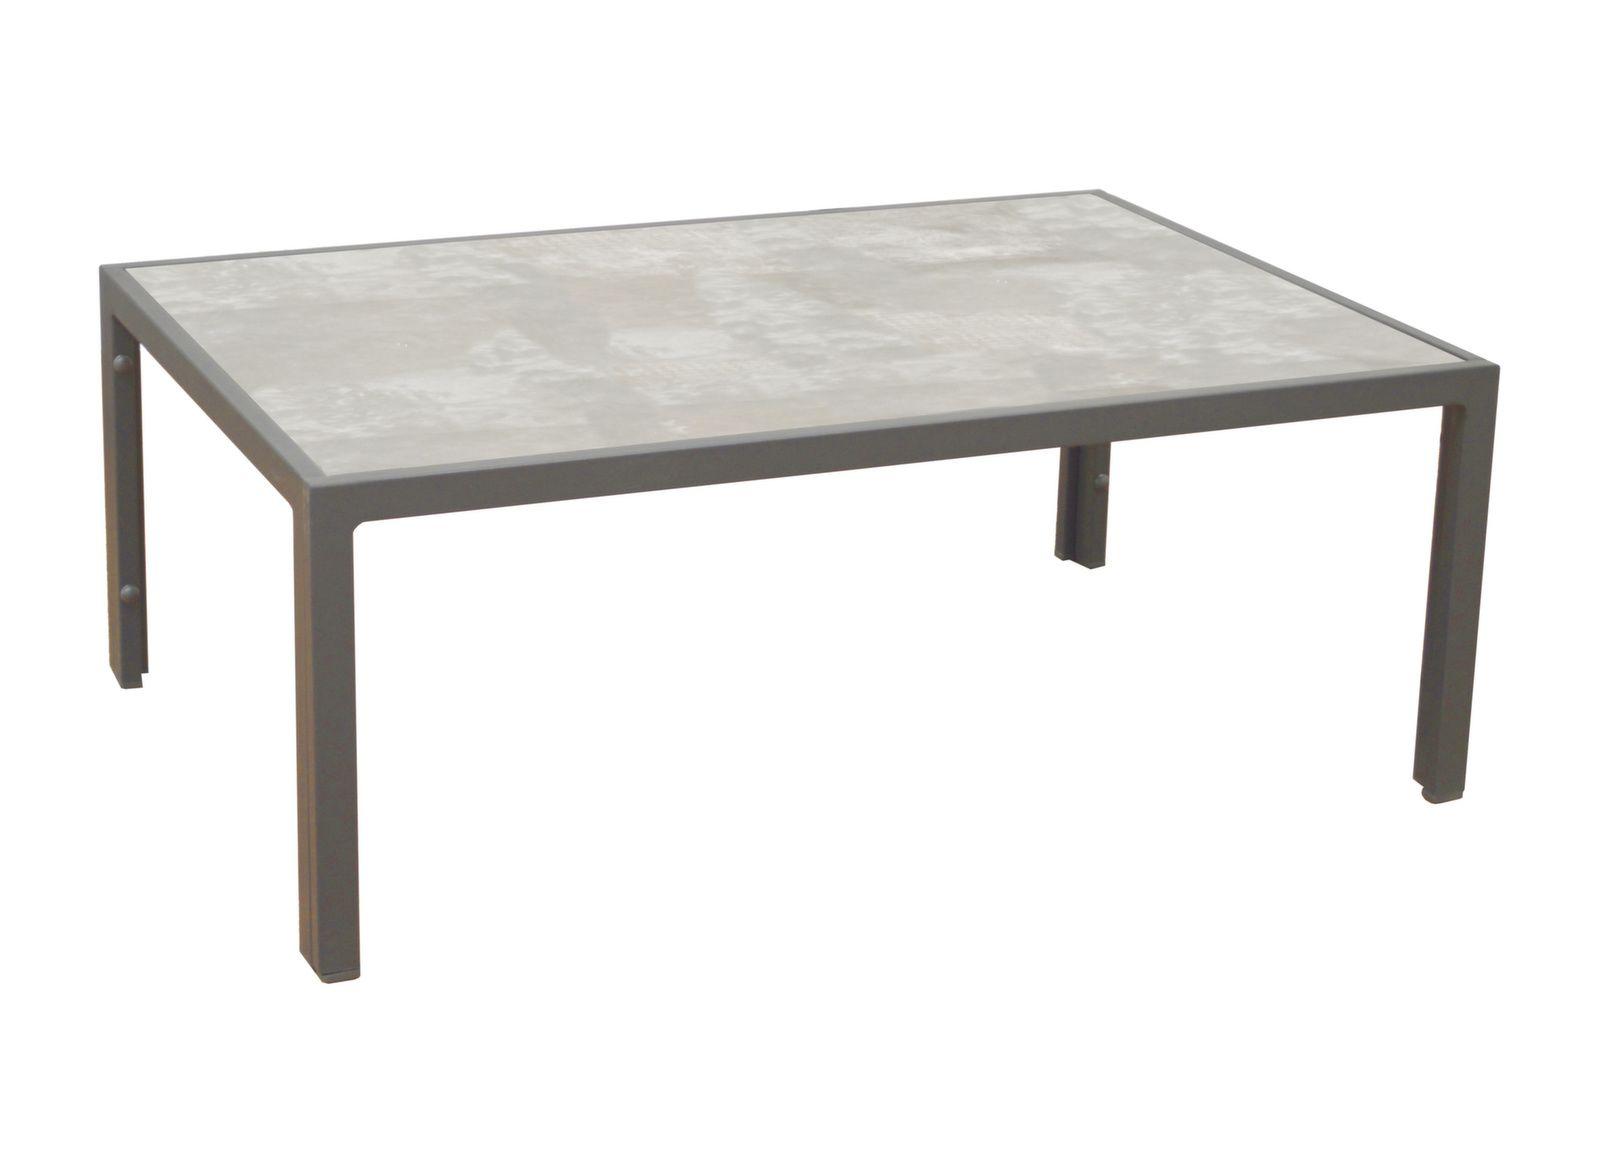 table basse mt plateau ceramique